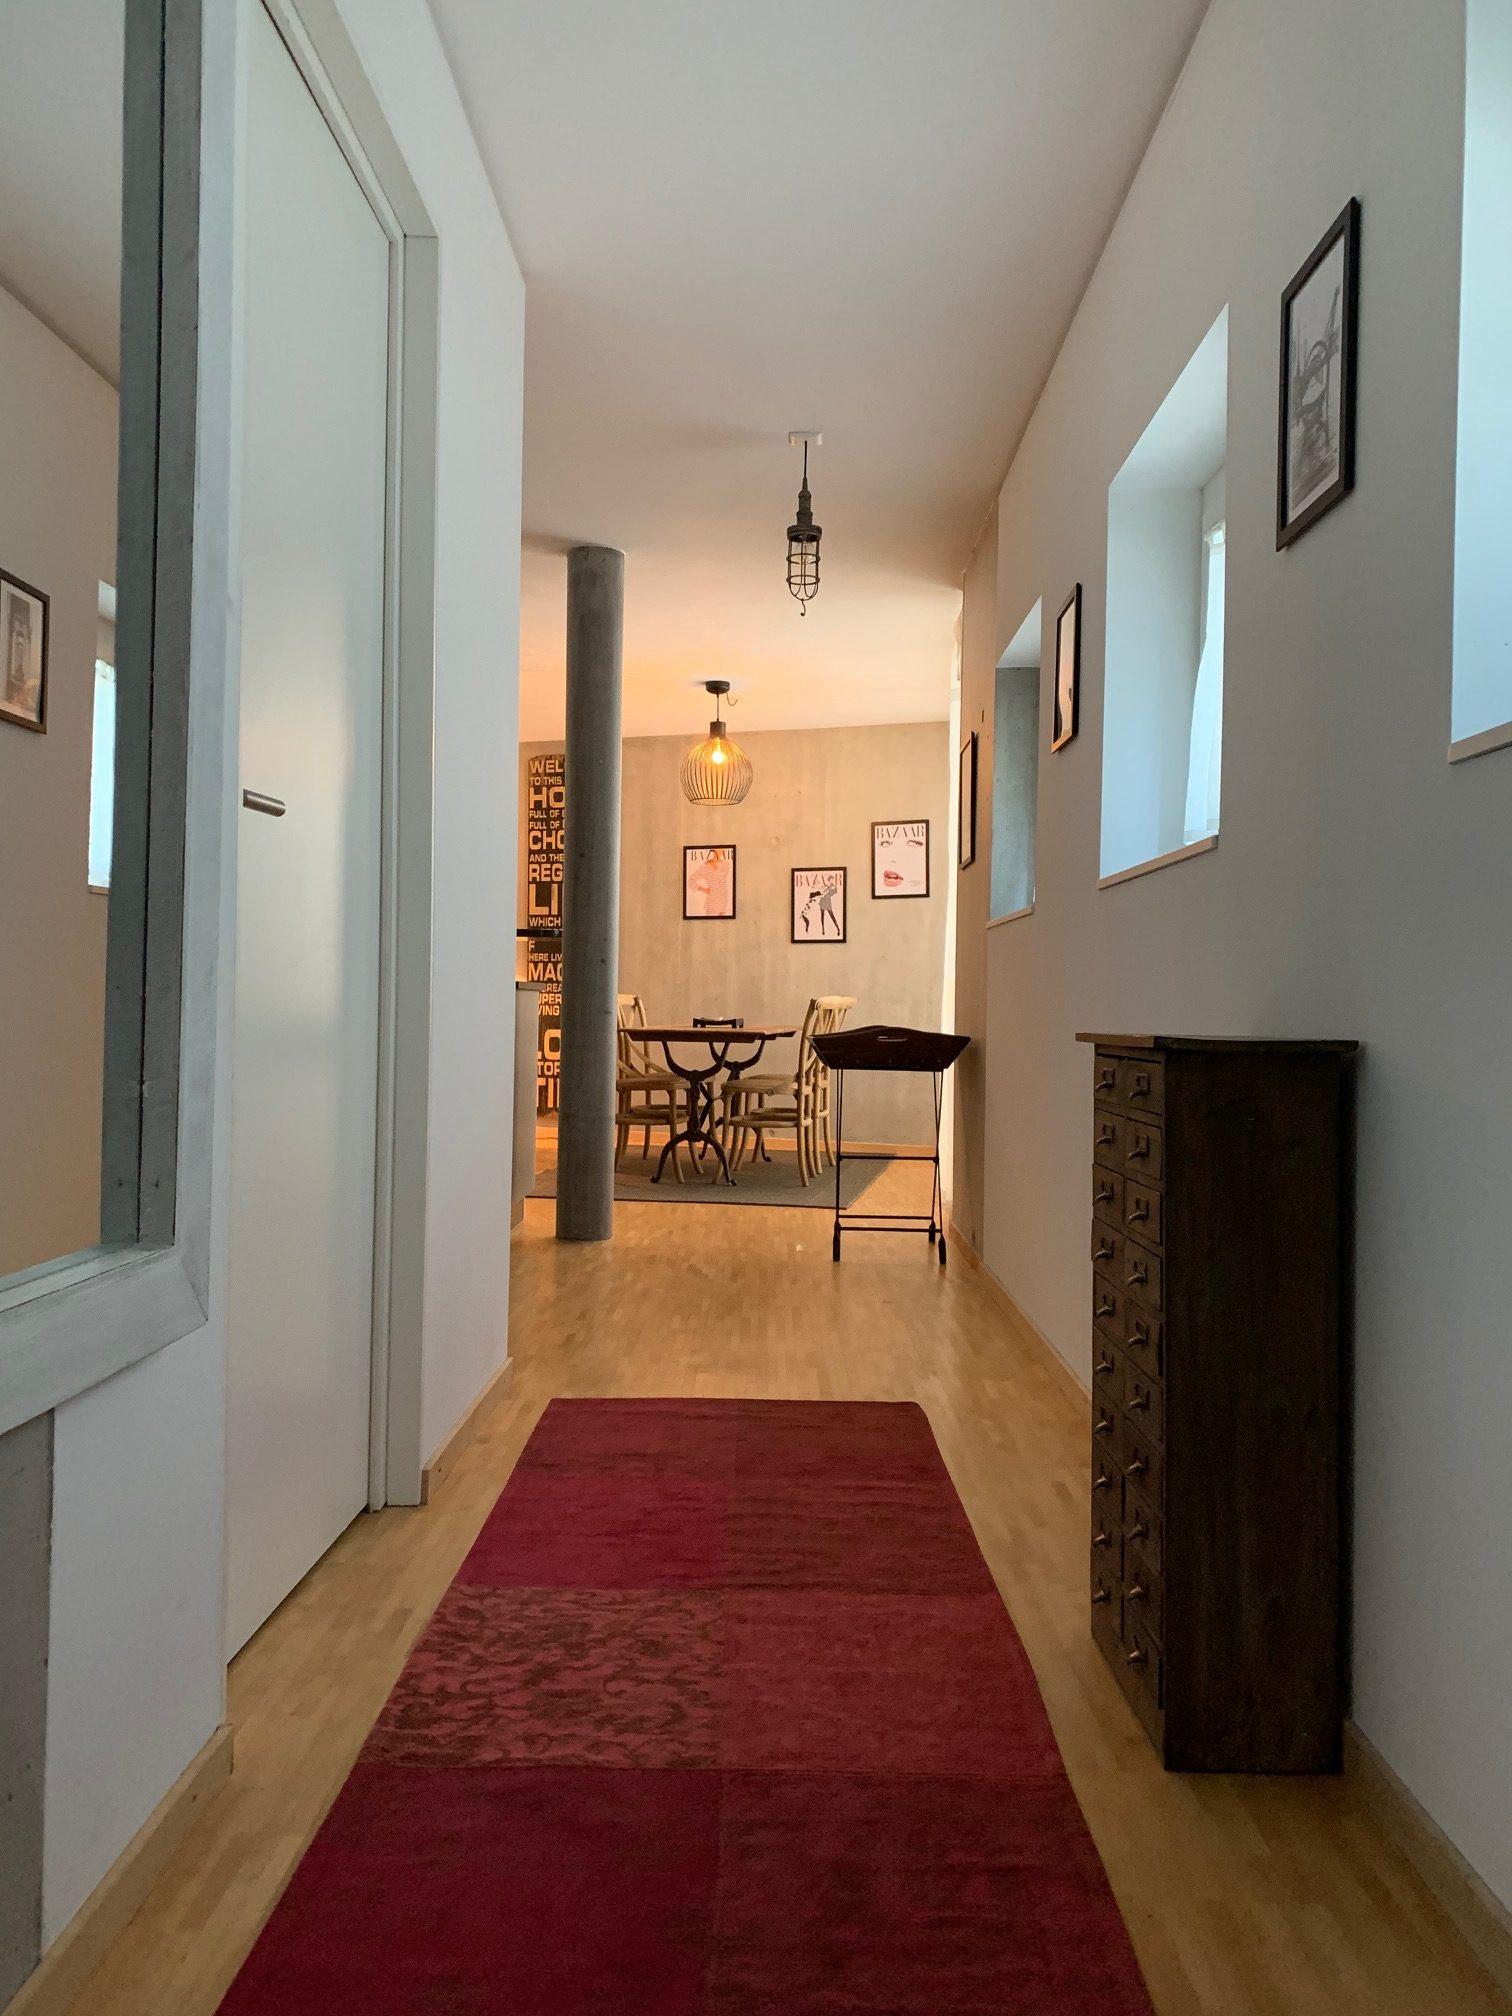 Rue du Flon 12, Lausanne - 1.5 pièce - Lot 3.8 7